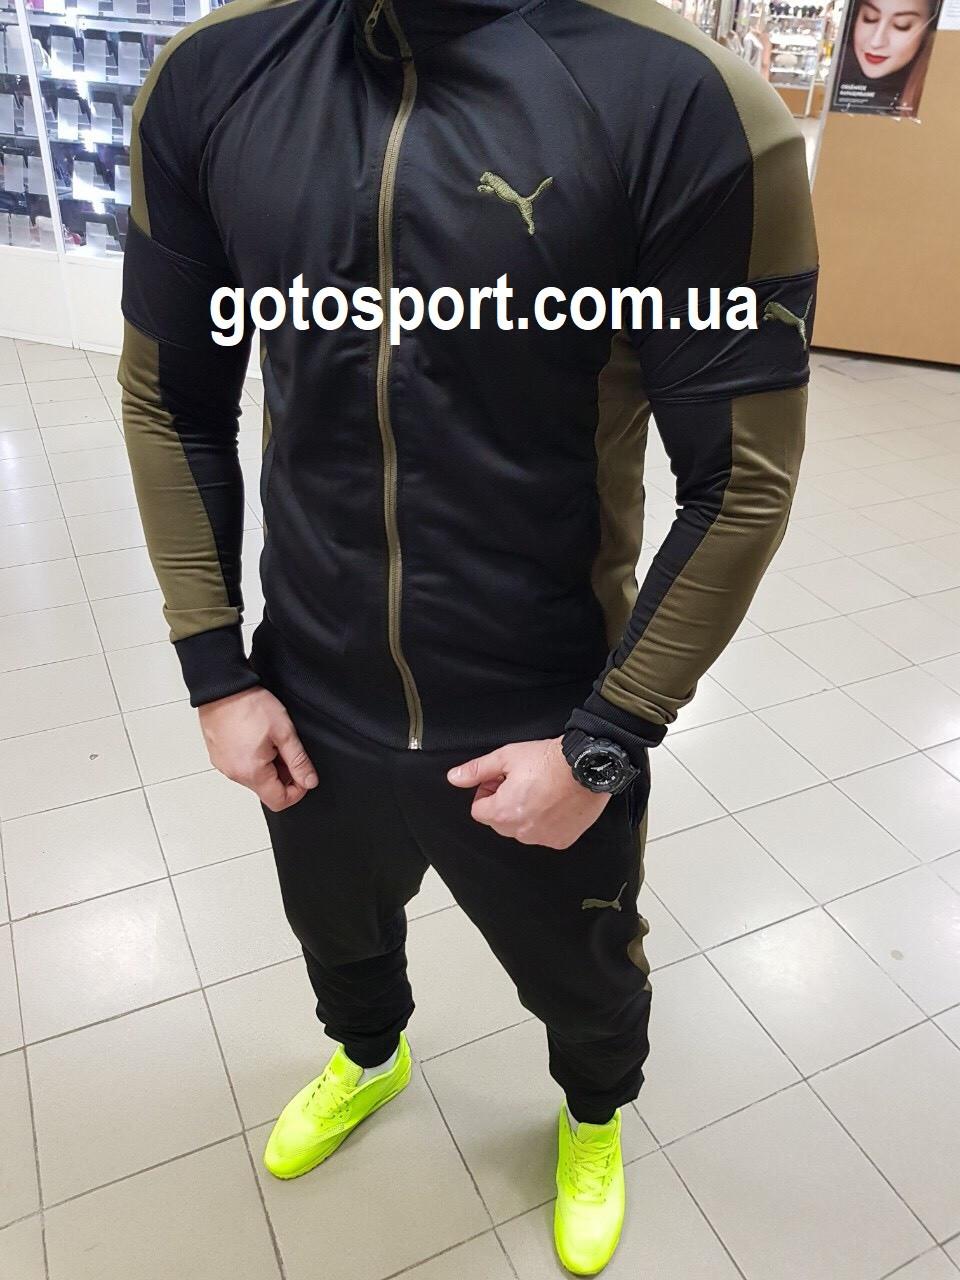 205dd42bbfcd Мужской спортивный костюм Puma хаки - Интернет-магазин спортивной одежды